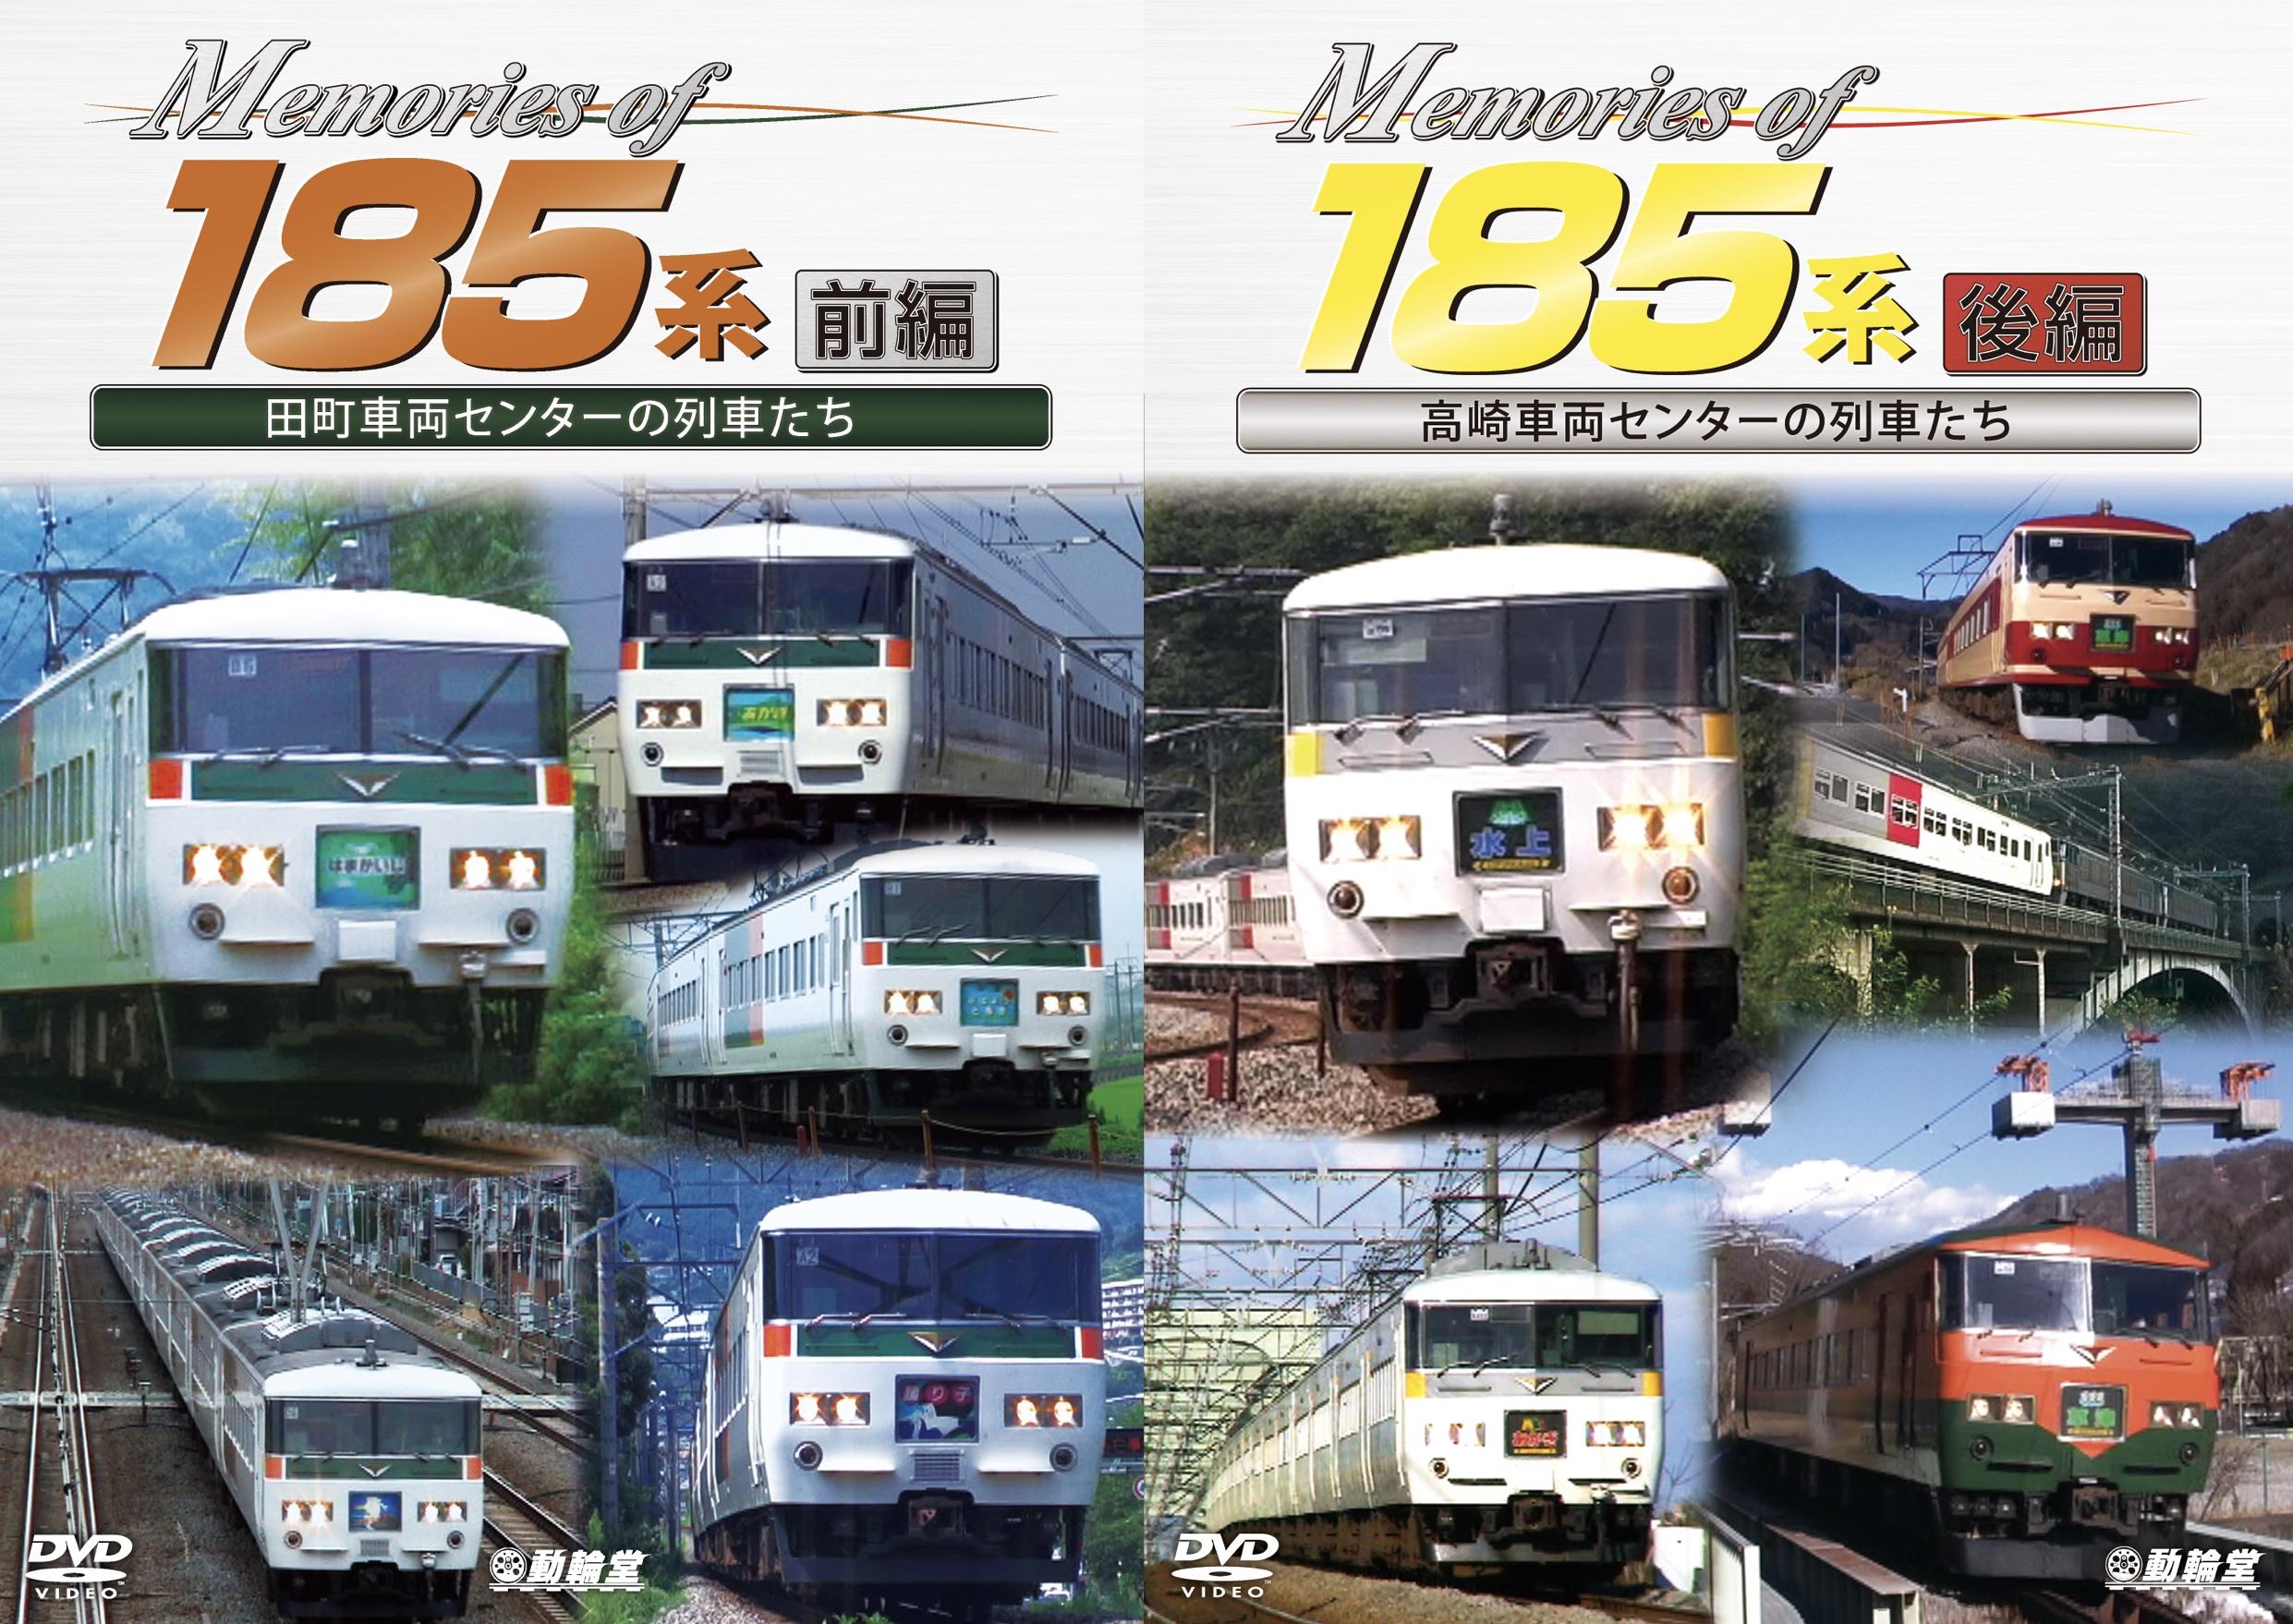 Memories of185系前編田町車両センターの列車たち【2020/1/21発売】/後編高崎車両センターの列車たち【2/21発売】